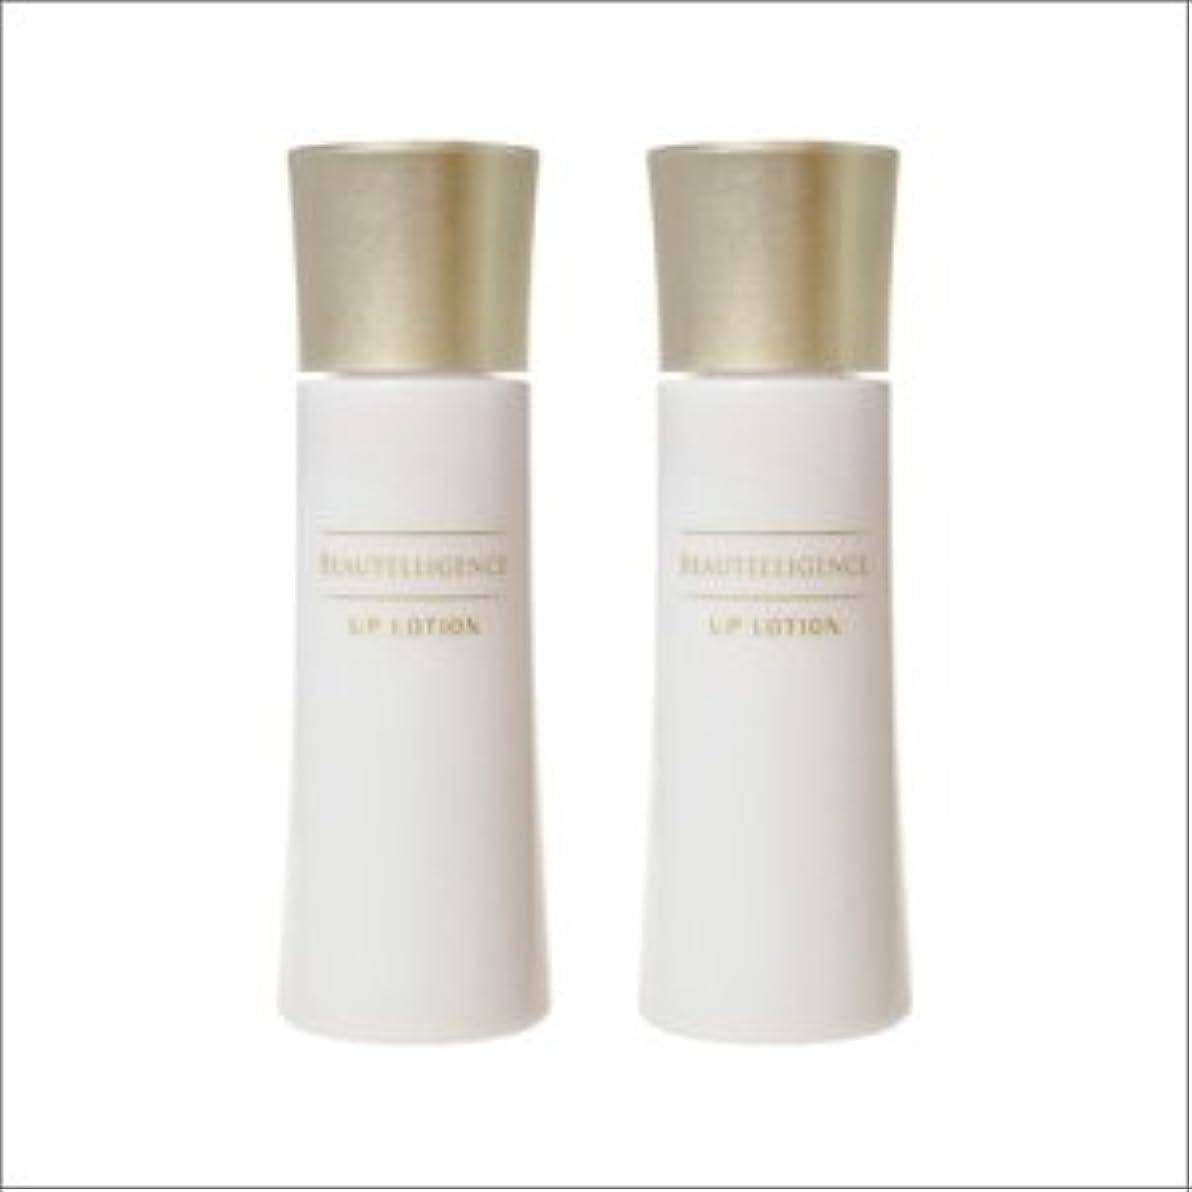 鋼スキャン王女2本セット アップローション ひきしめ 化粧水 美容液 ハリ NEWA オシリフト グリシルグリシンエイジングケア